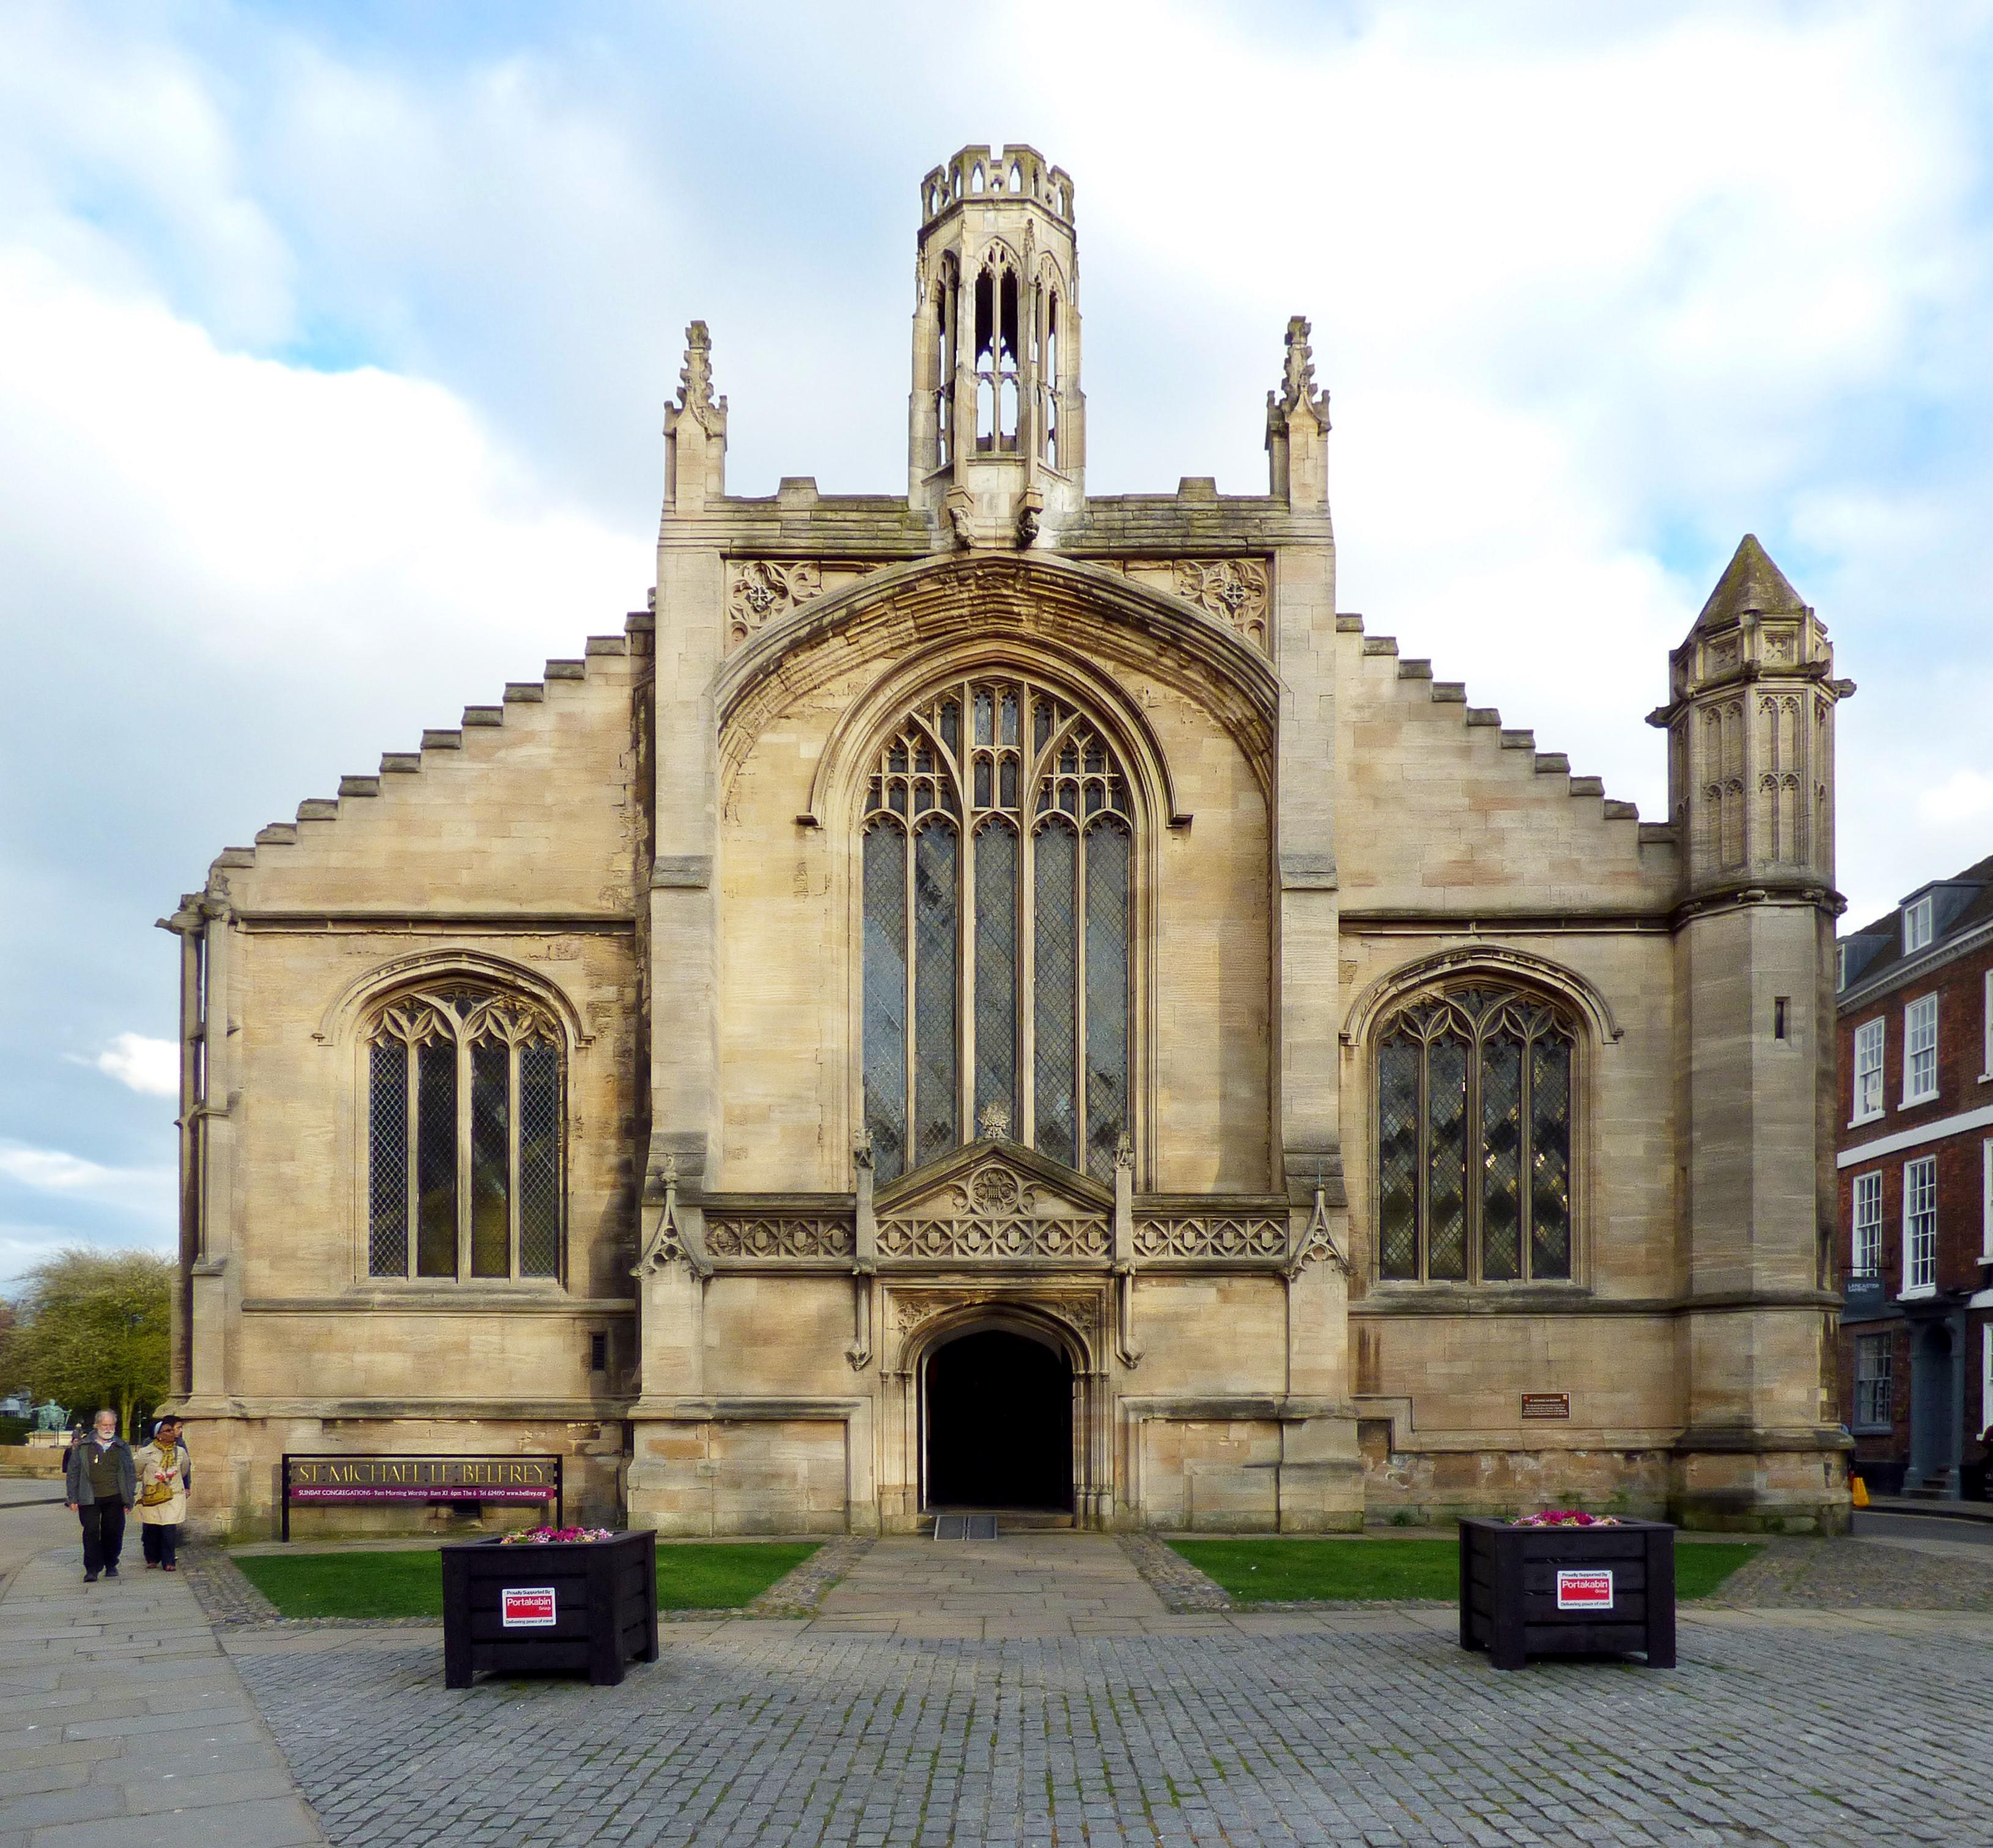 St Michael le Belfrey